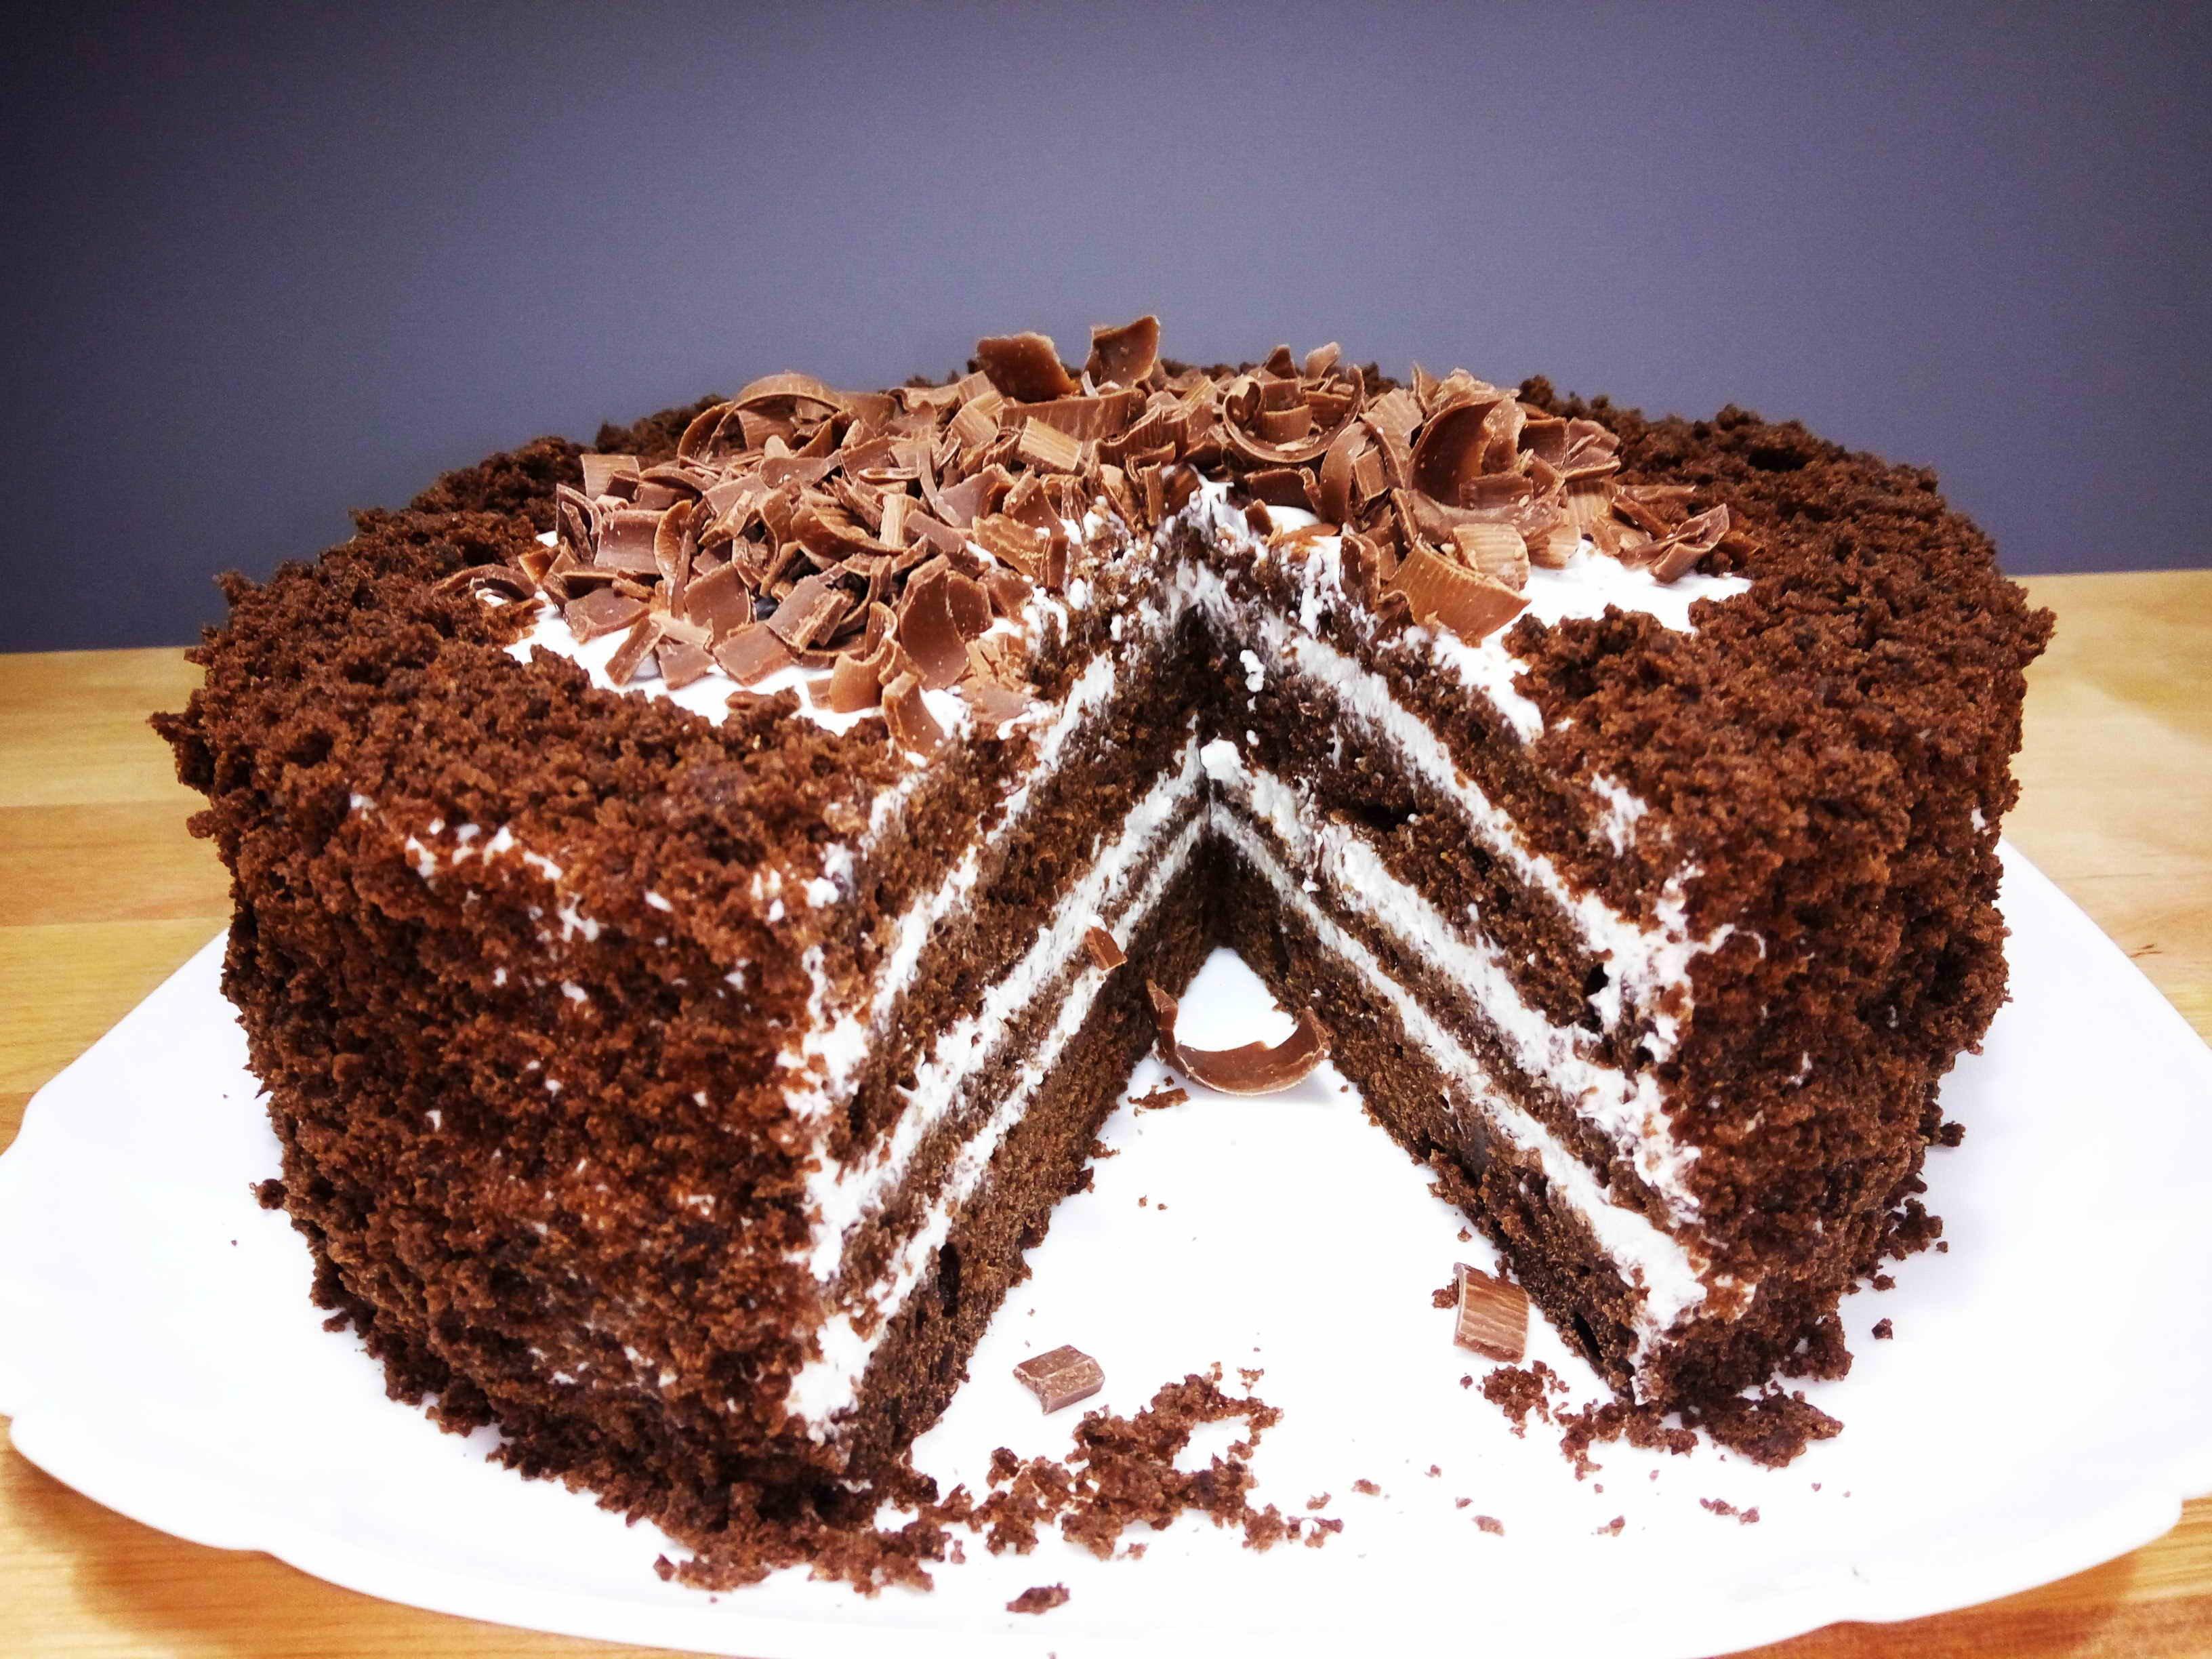 рецепт тортов больших размеров пошаговый с фото постараюсь исправиться, точно